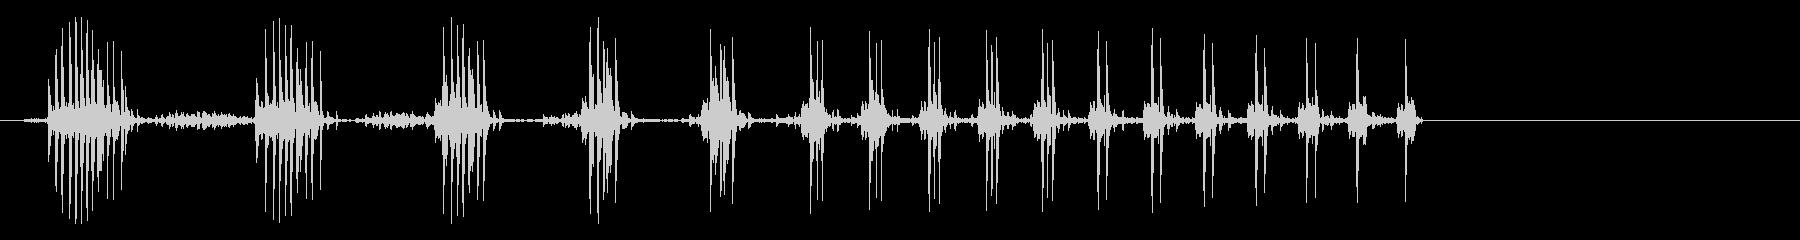 邪悪なロボットの笑い;奇妙な低音の...の未再生の波形